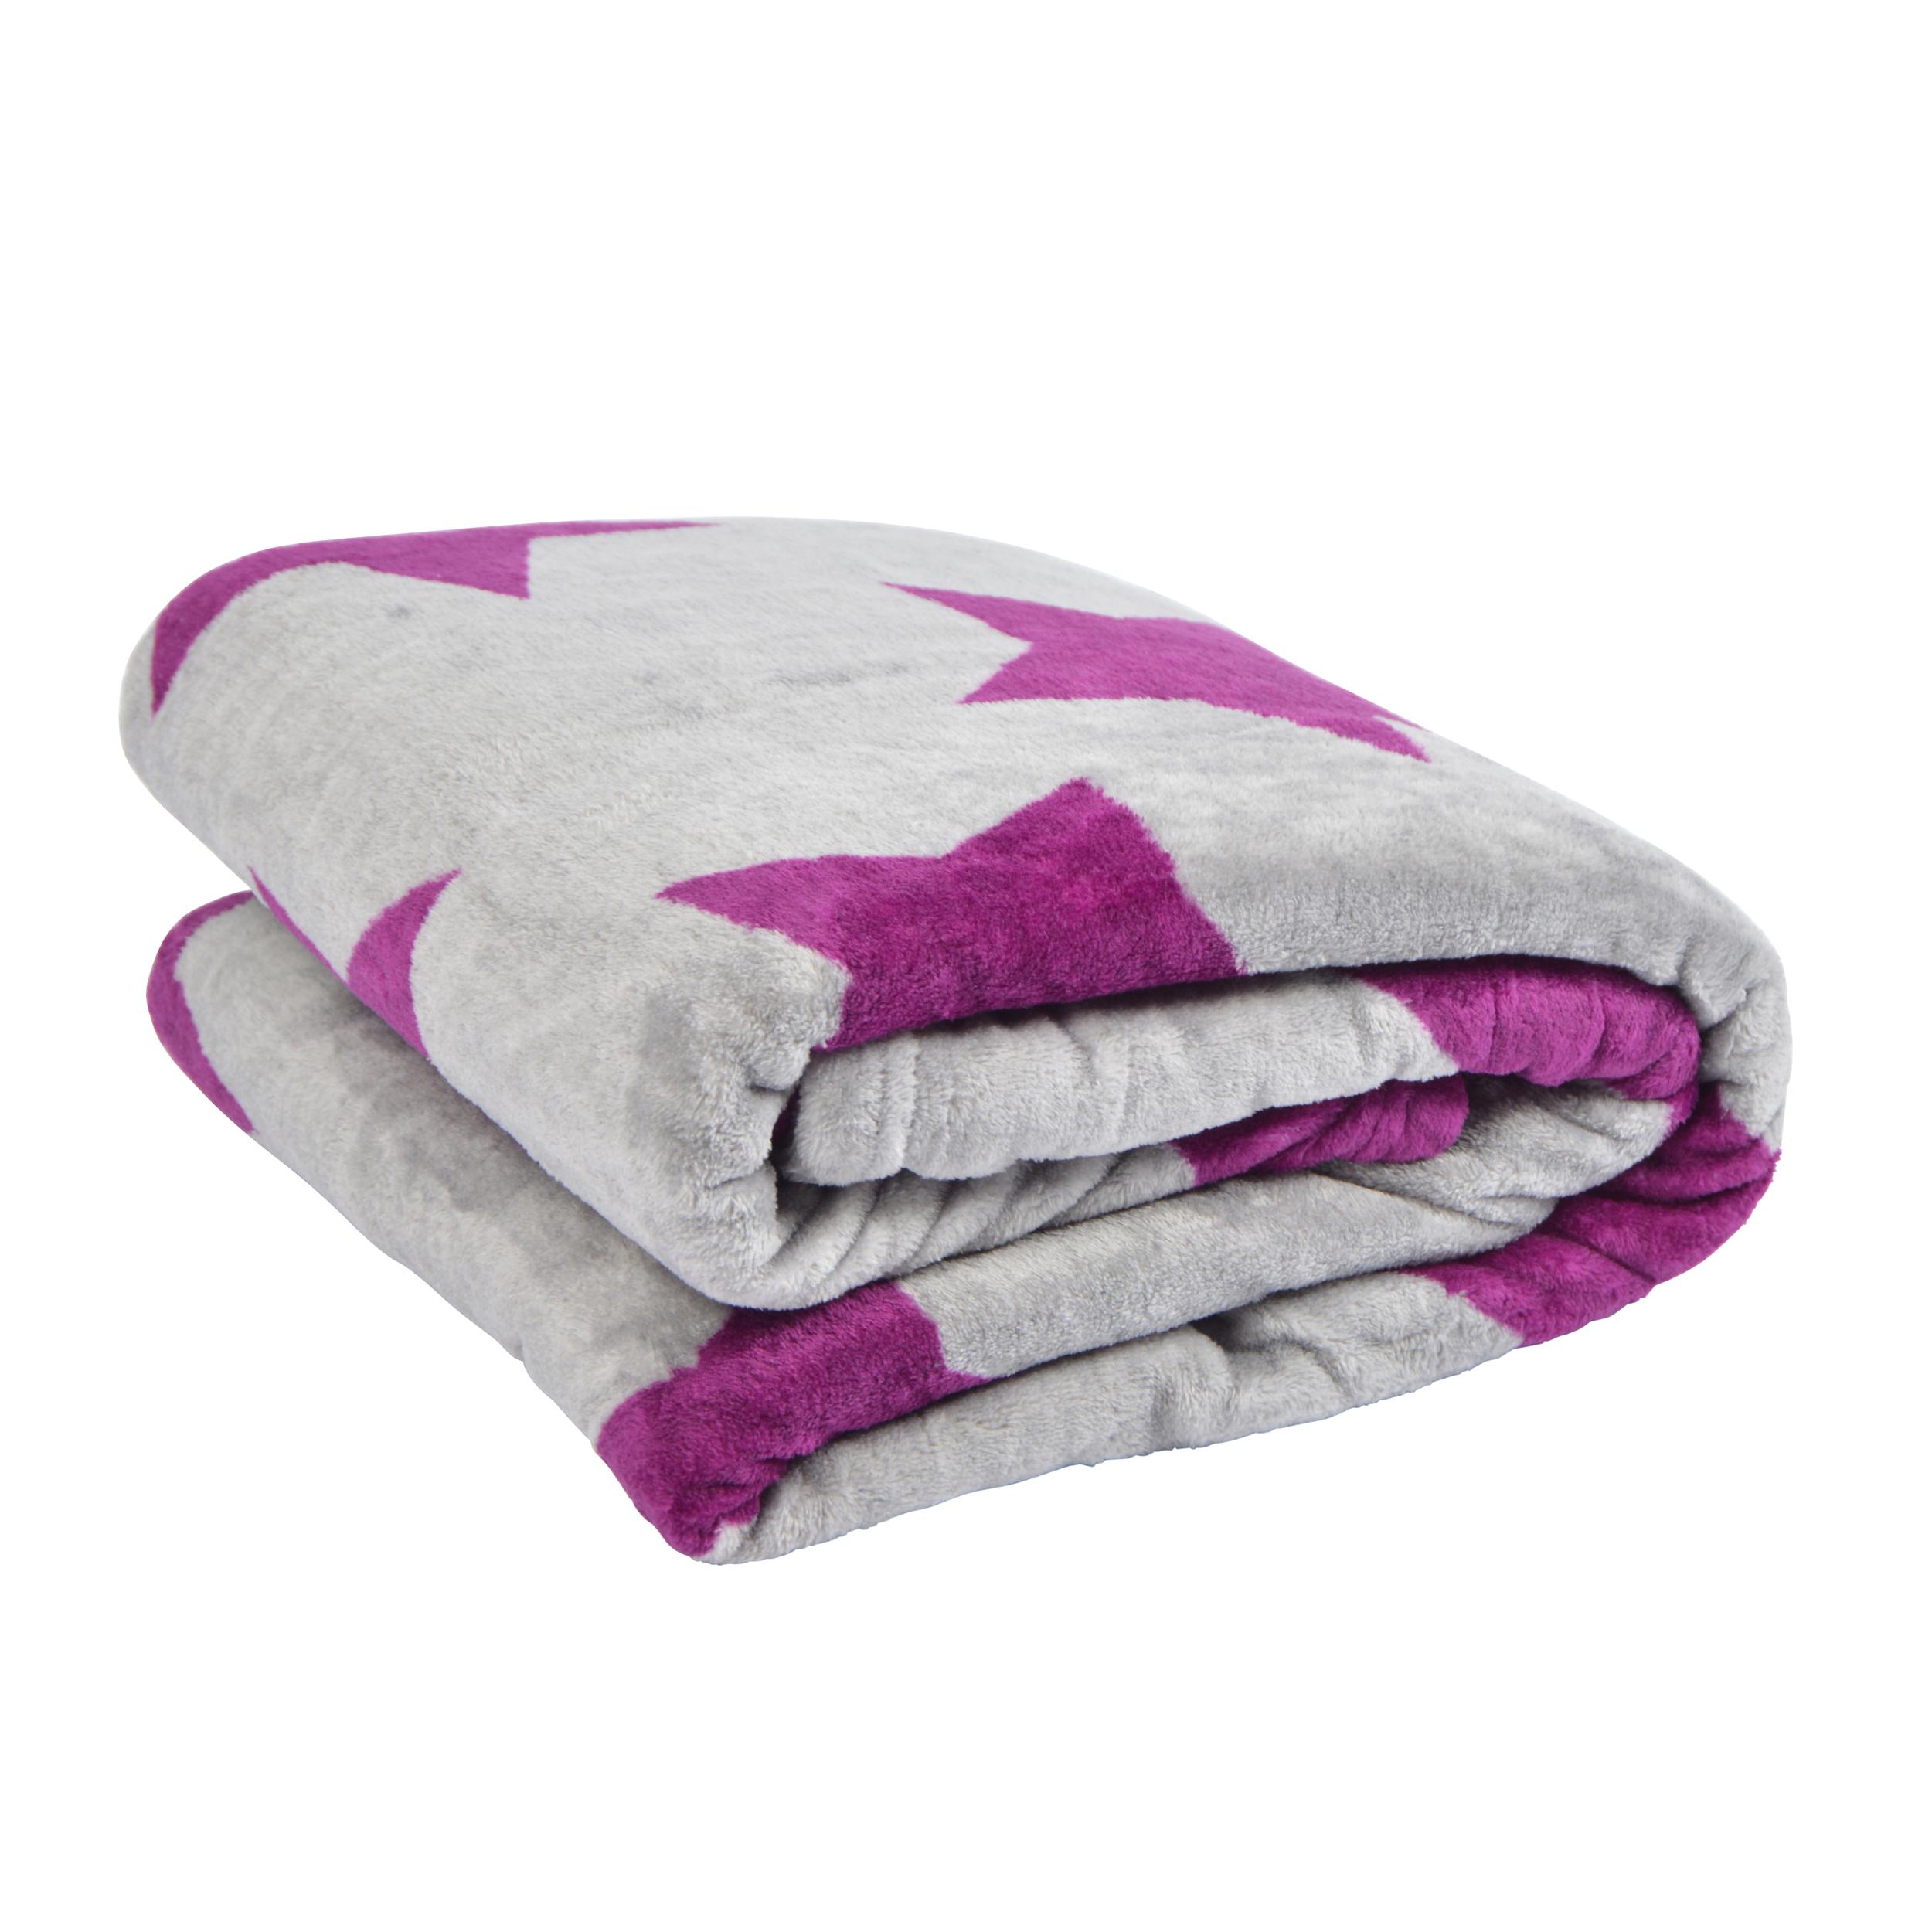 pink papaya supersoft stars kuscheldecke 150 x 200 cm in verschiedenen farben ebay. Black Bedroom Furniture Sets. Home Design Ideas